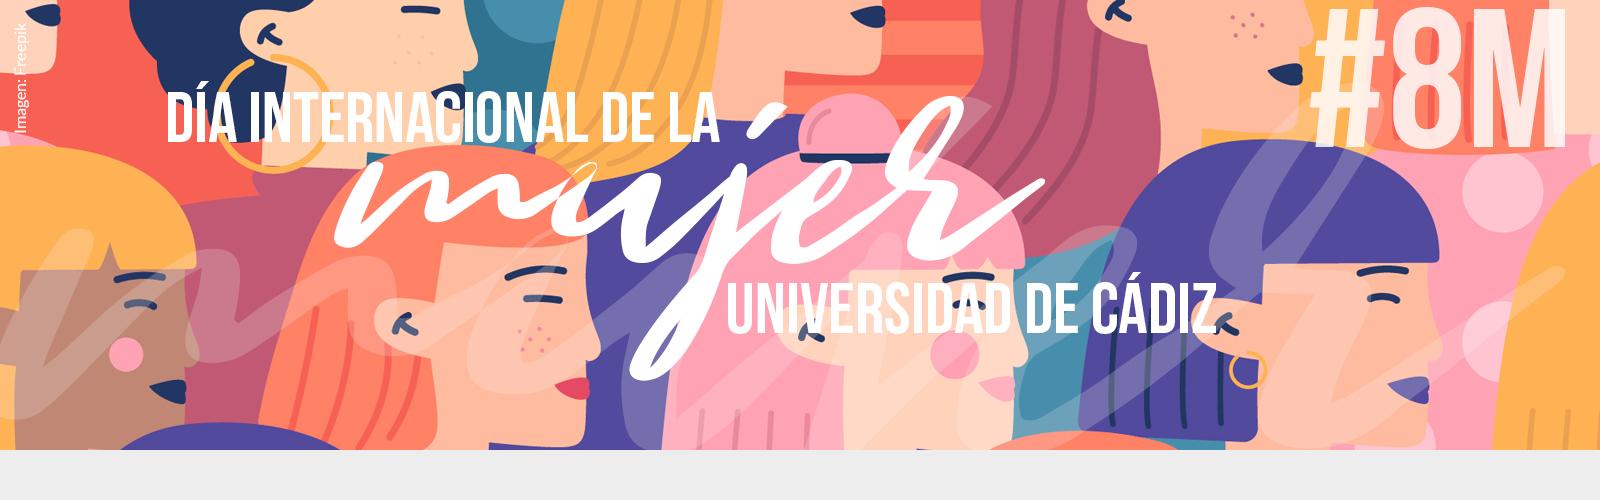 IMG Día Internacional de la Mujer